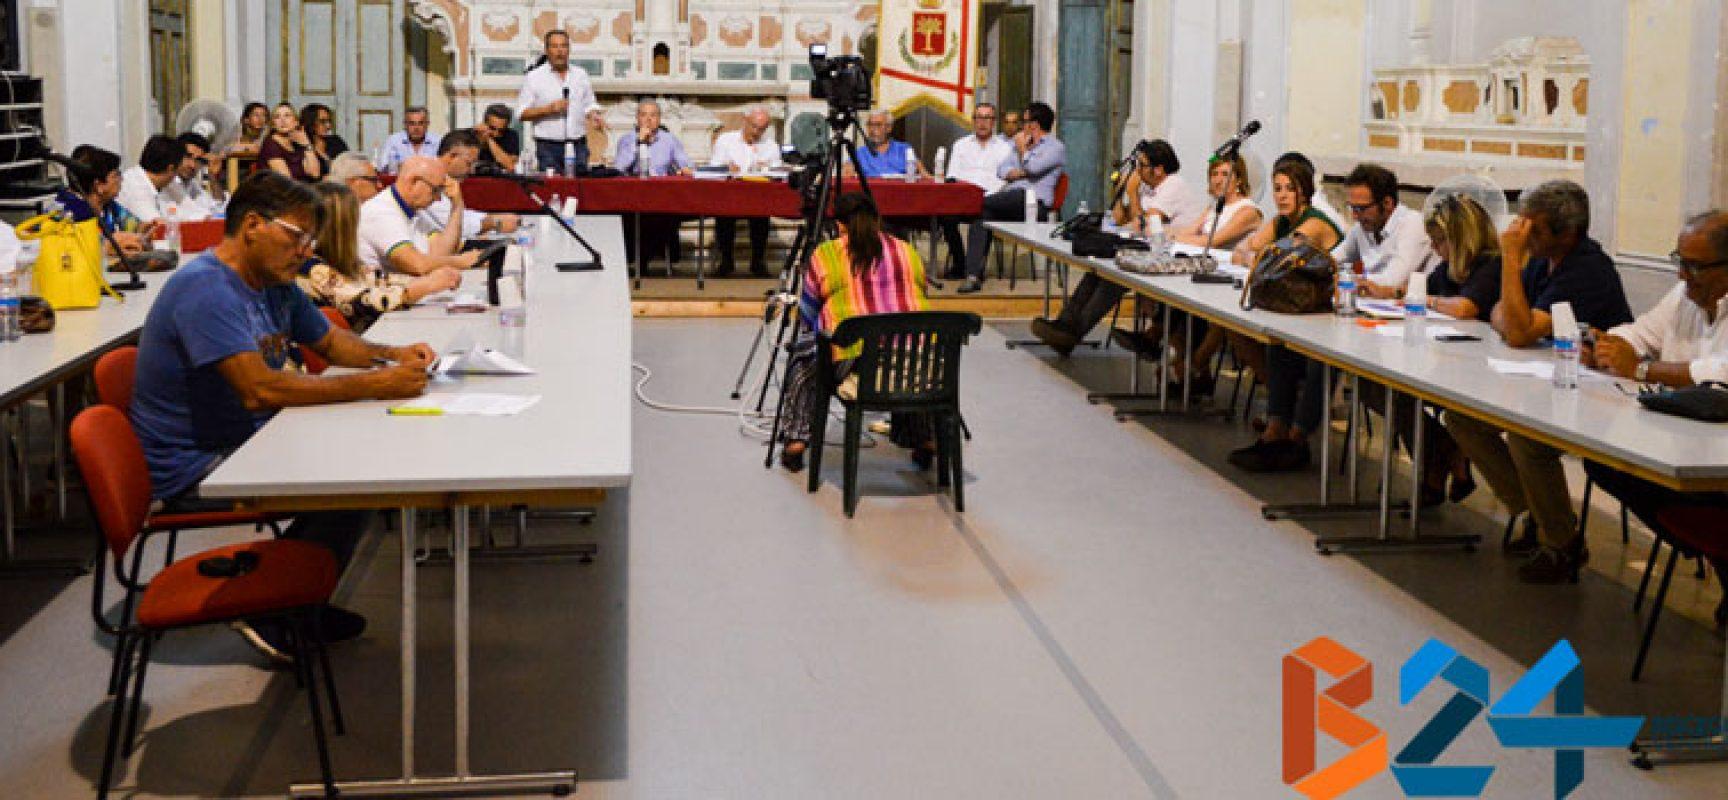 Consiglio comunale: maggioranza vota procedura di contestazione Spina, opposizione fuori dall'aula